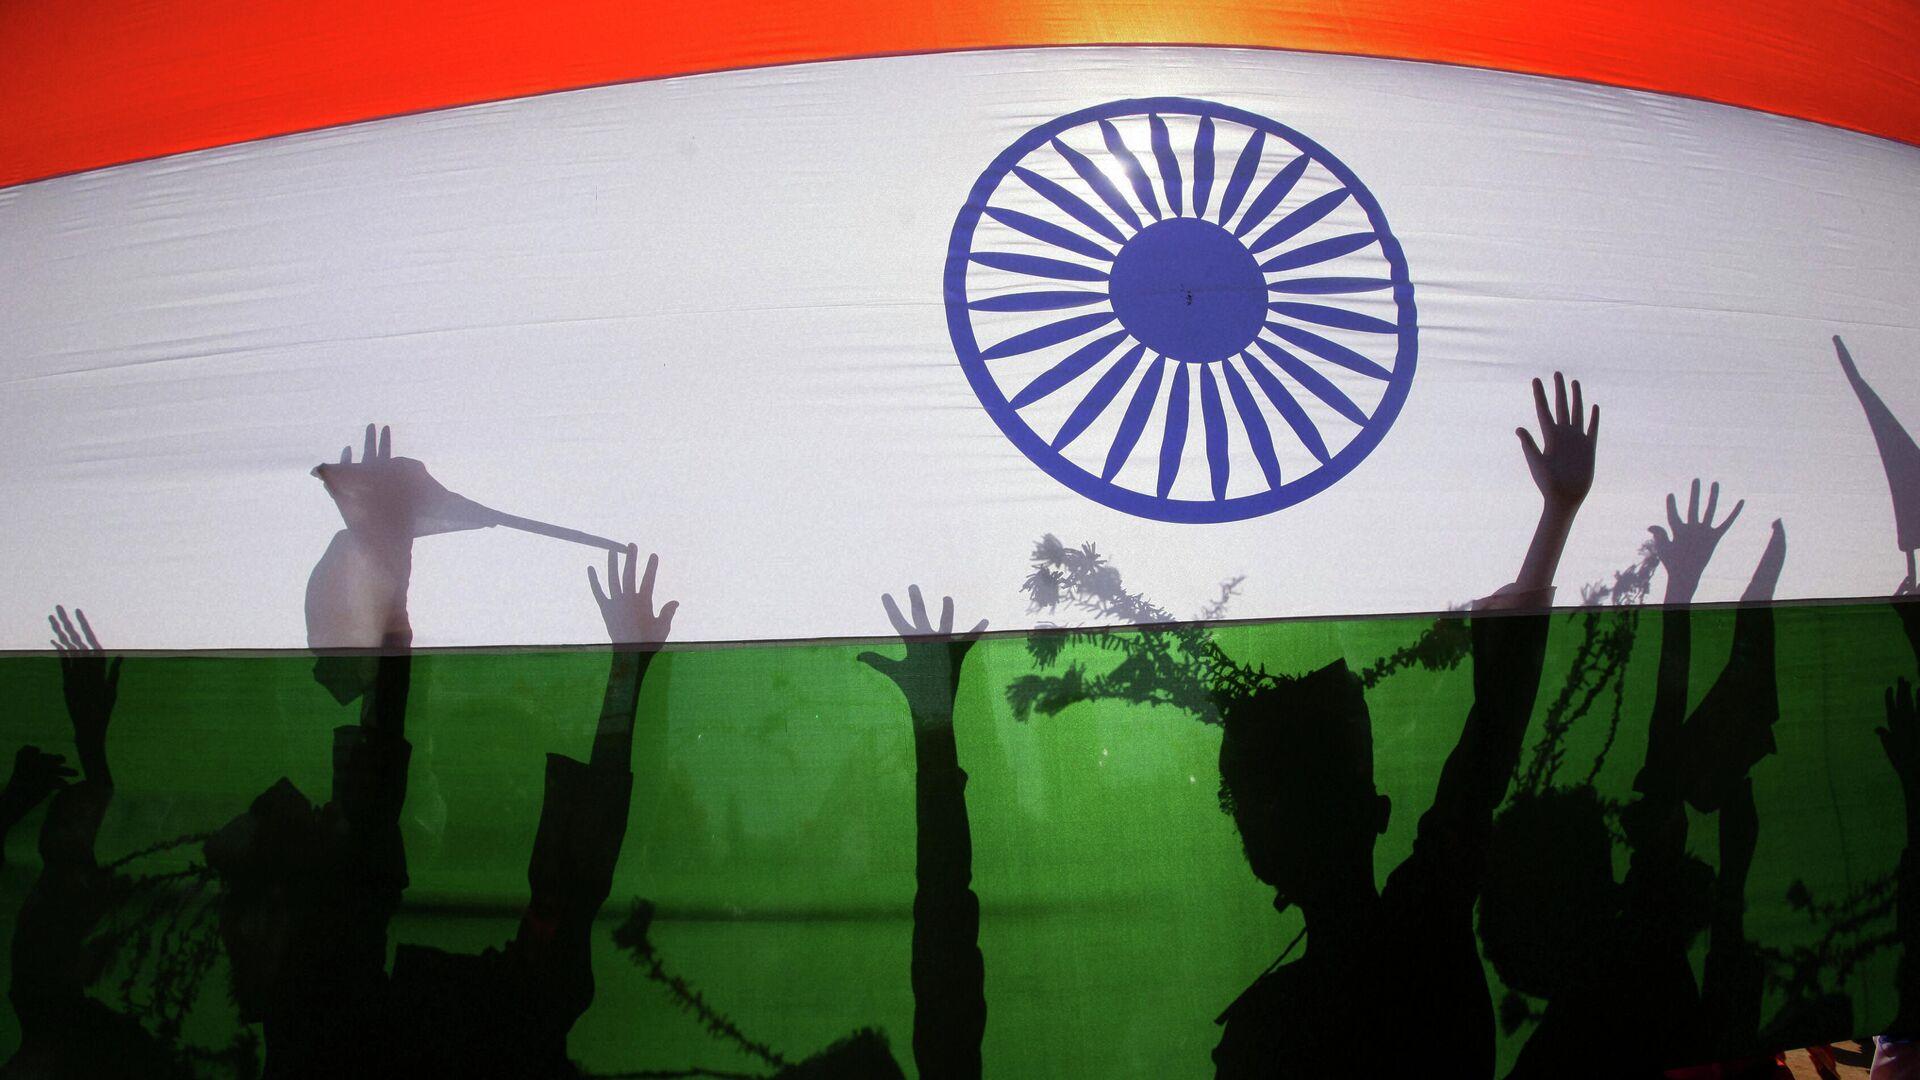 Силуэты людей на фоне национального флага Индии - Sputnik Узбекистан, 1920, 24.09.2021